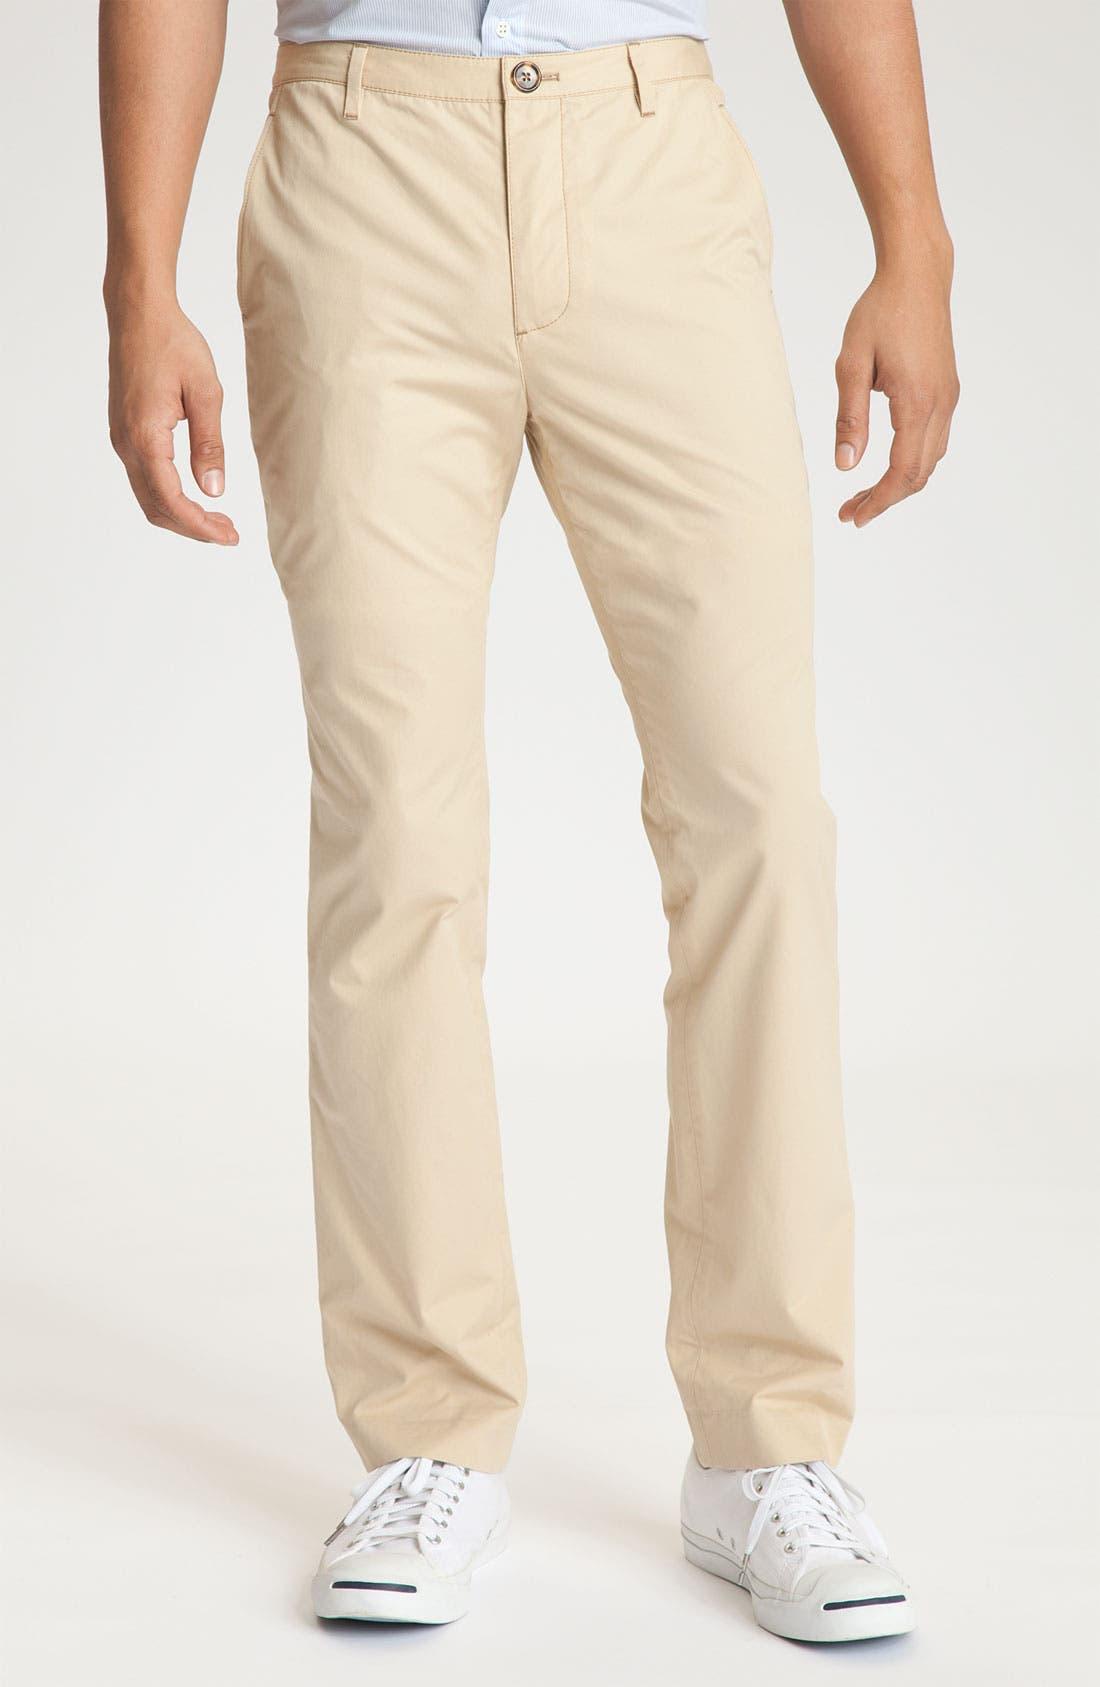 Alternate Image 1 Selected - Shipley & Halmos 'Belmont' Slim Pants